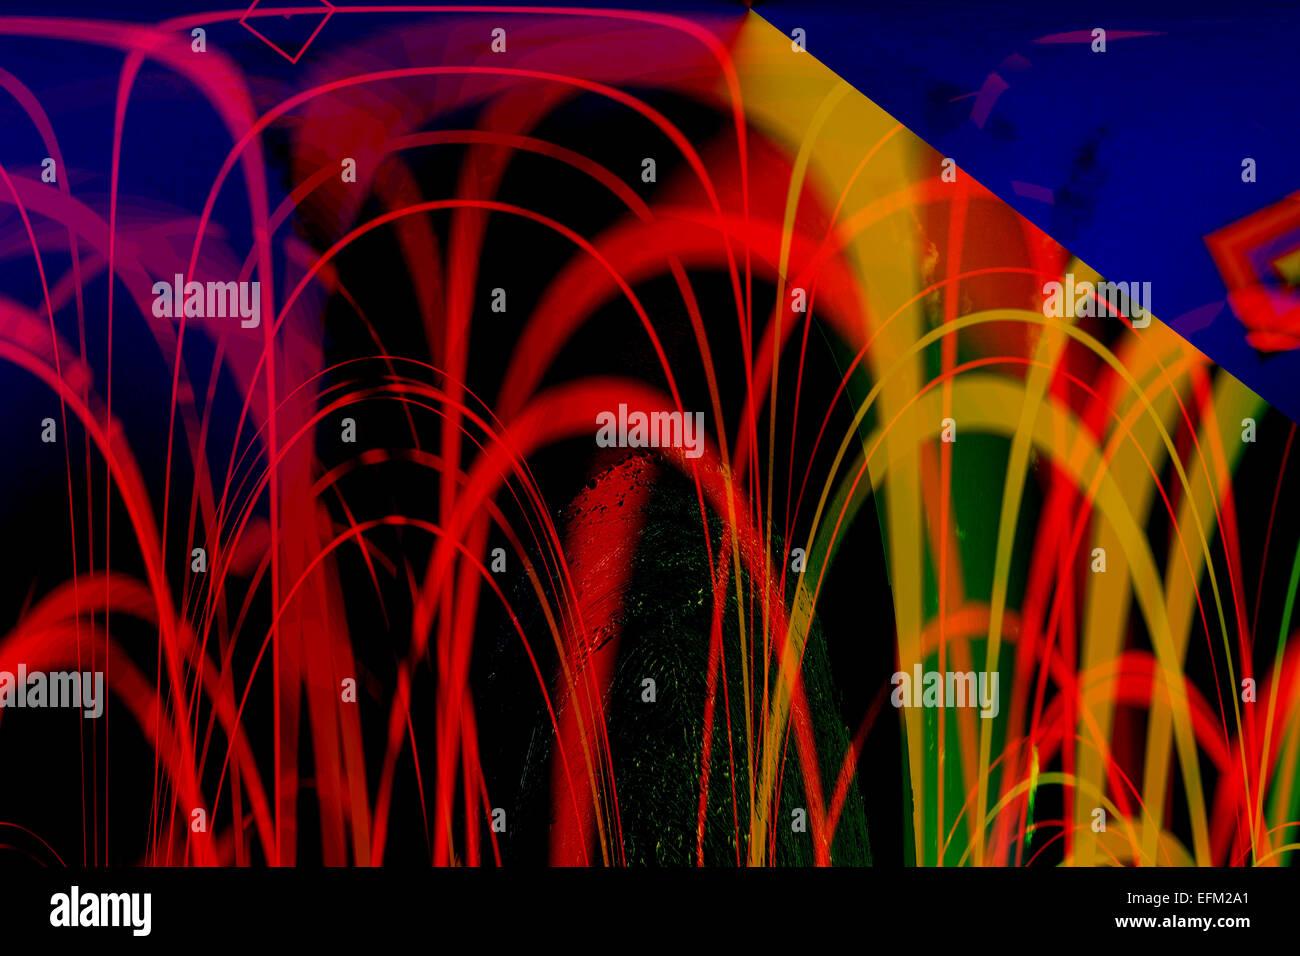 Hintergrund Hintergründe; blau; Farbbild; Farbbilder; Farbbild; Farbbilder; vorgestellten; Horizontal, horizontalen; Stockbild